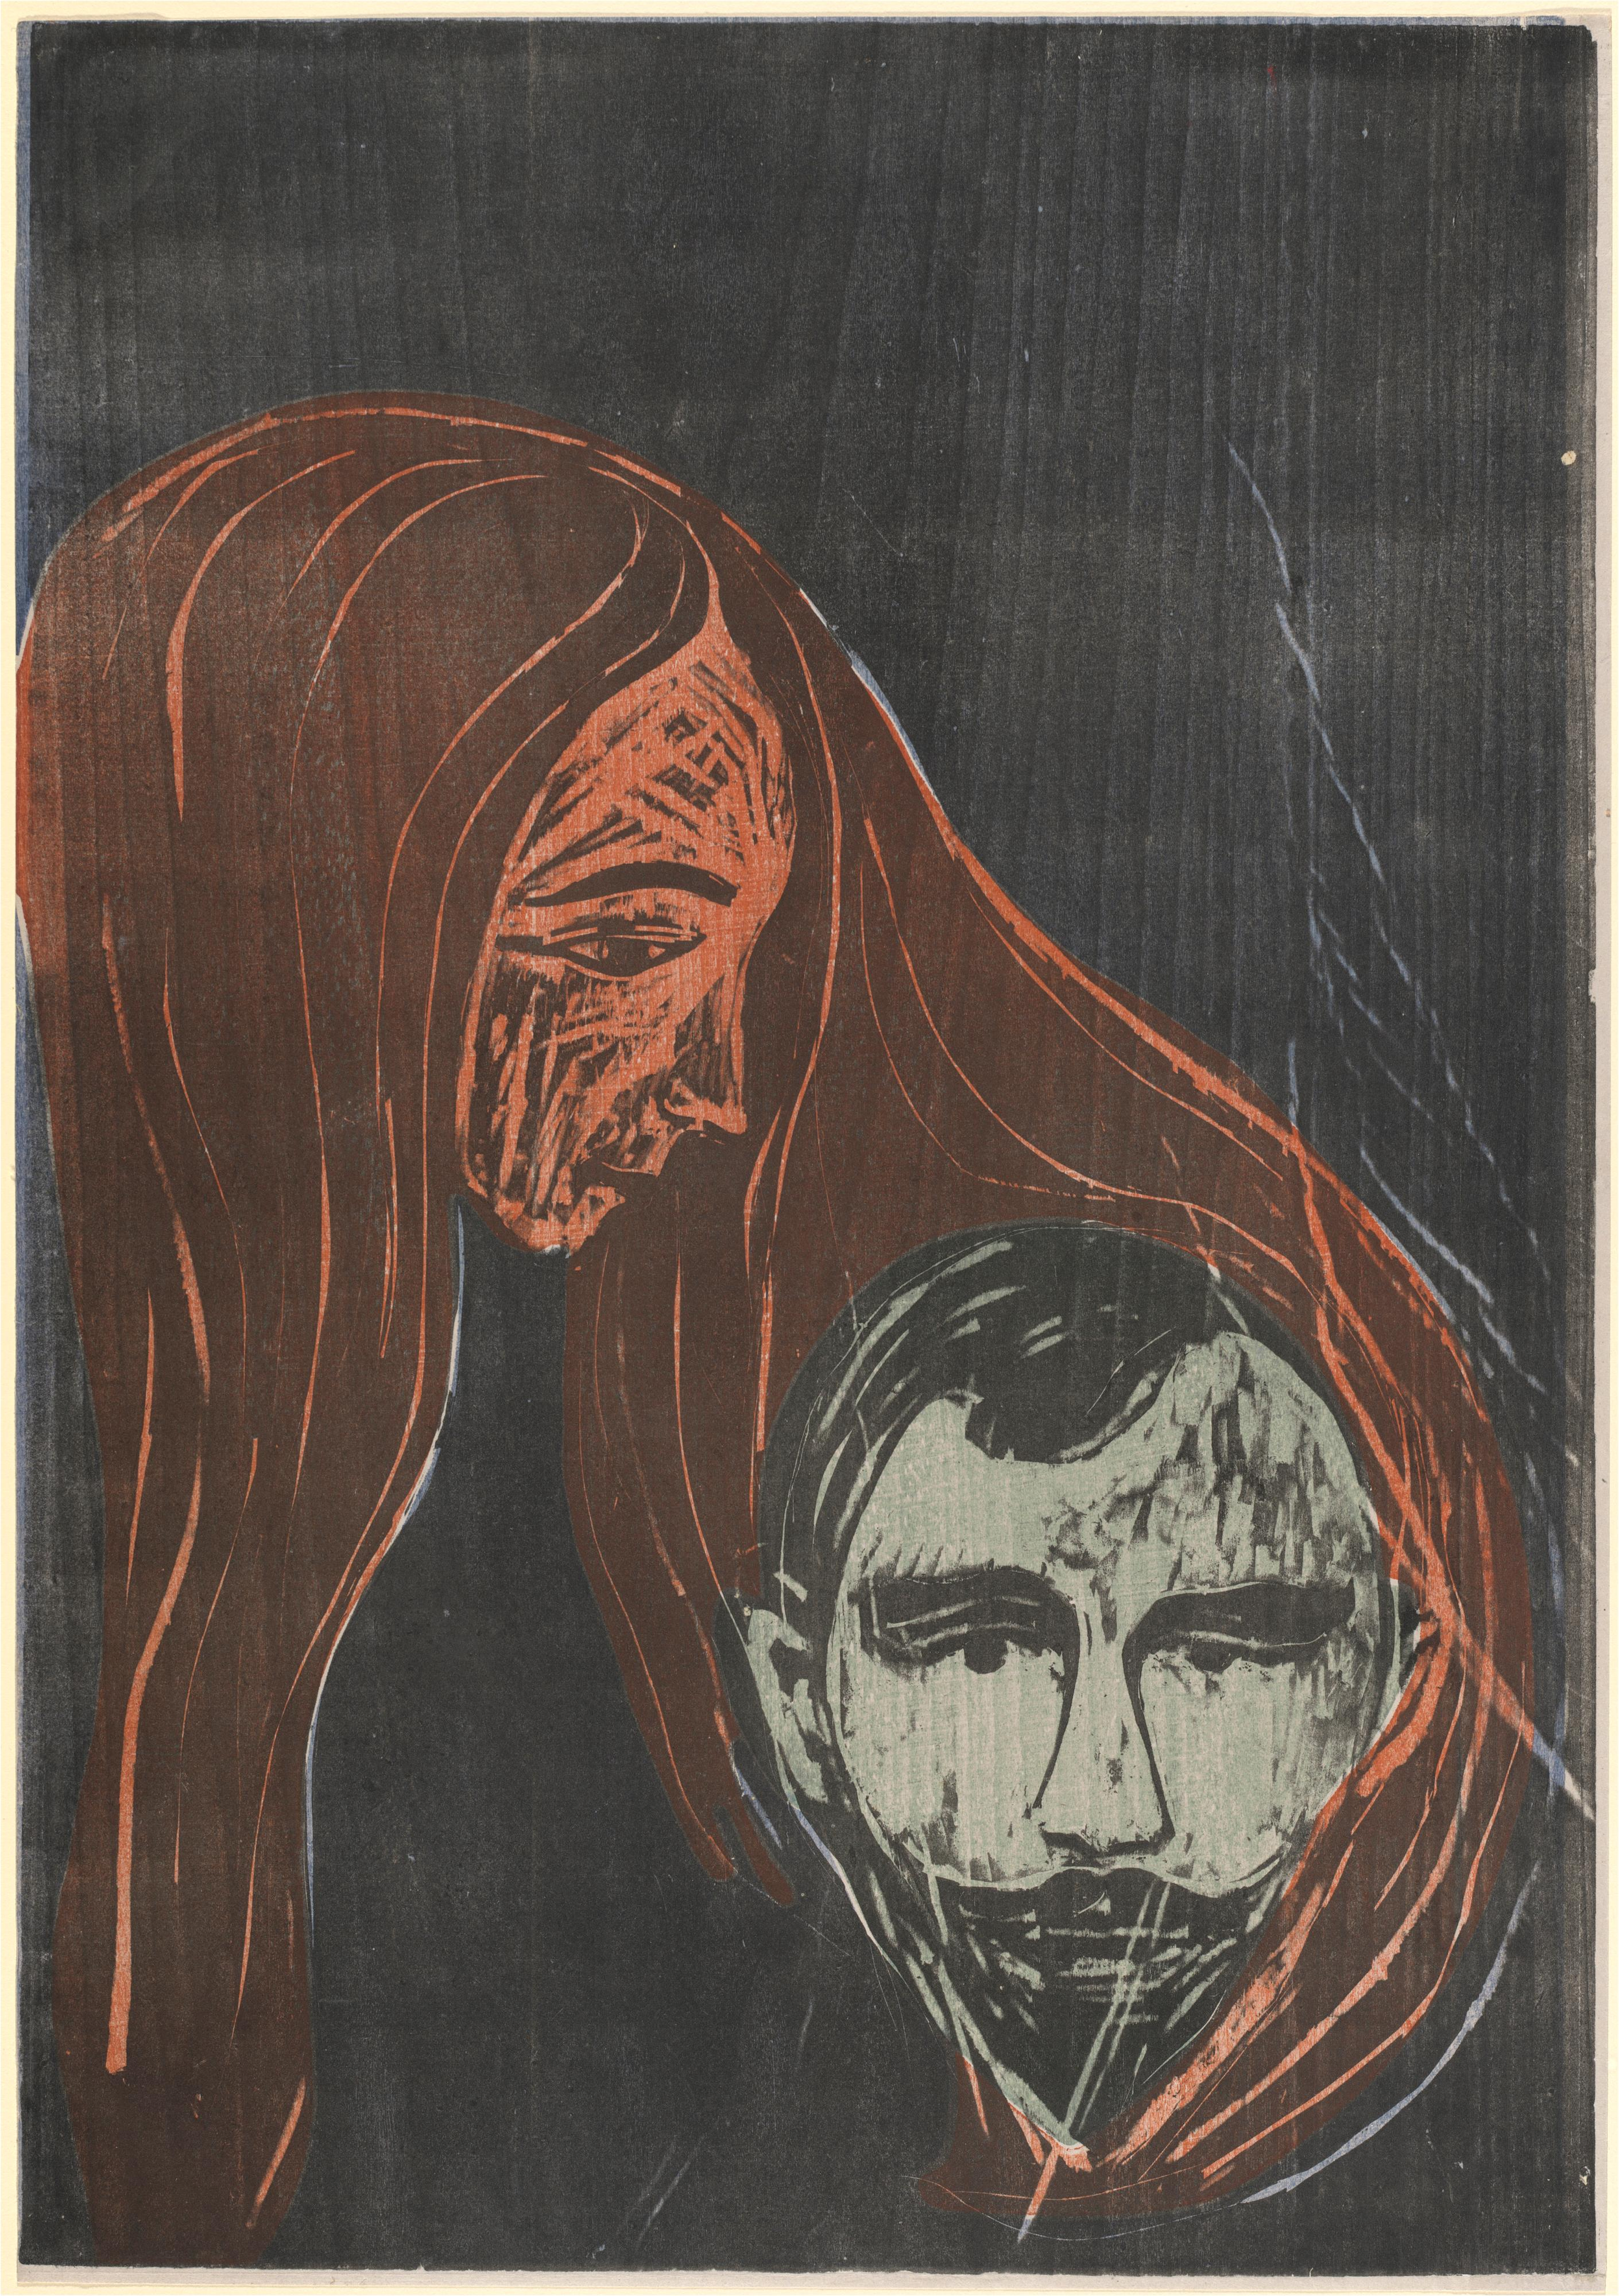 Man's Head in Woman's Hair